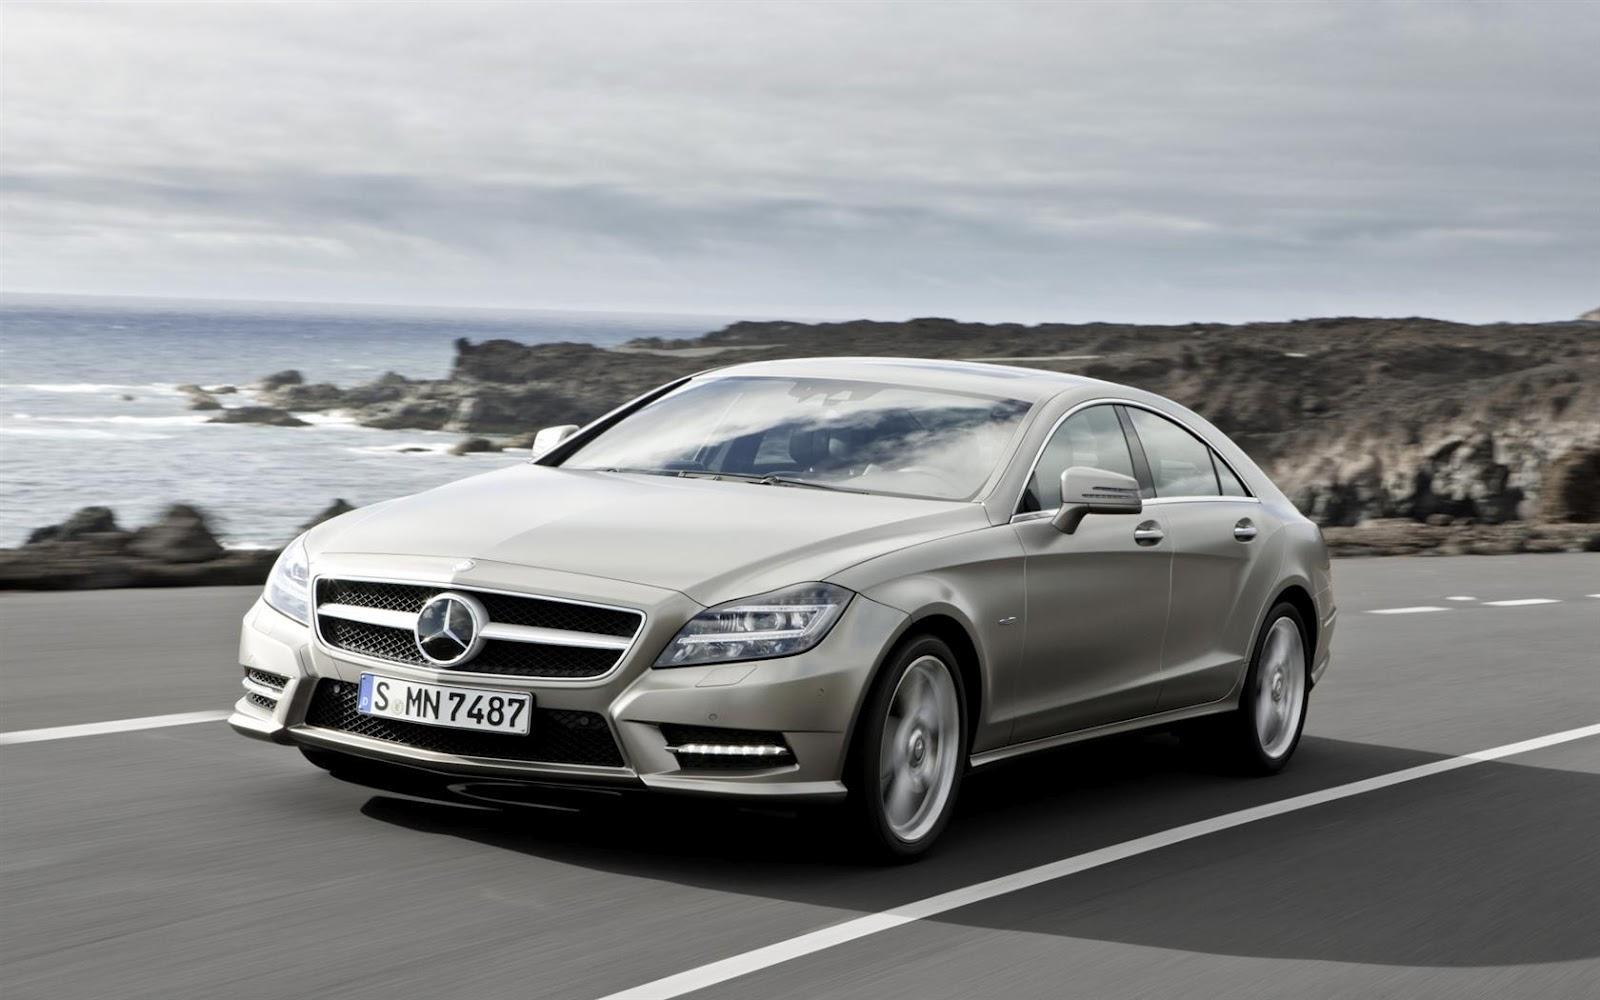 Car Posters: Mercedes-Benz CLS-Class: autoposters.blogspot.com/2012/09/mercedes-benz-cls-class.html